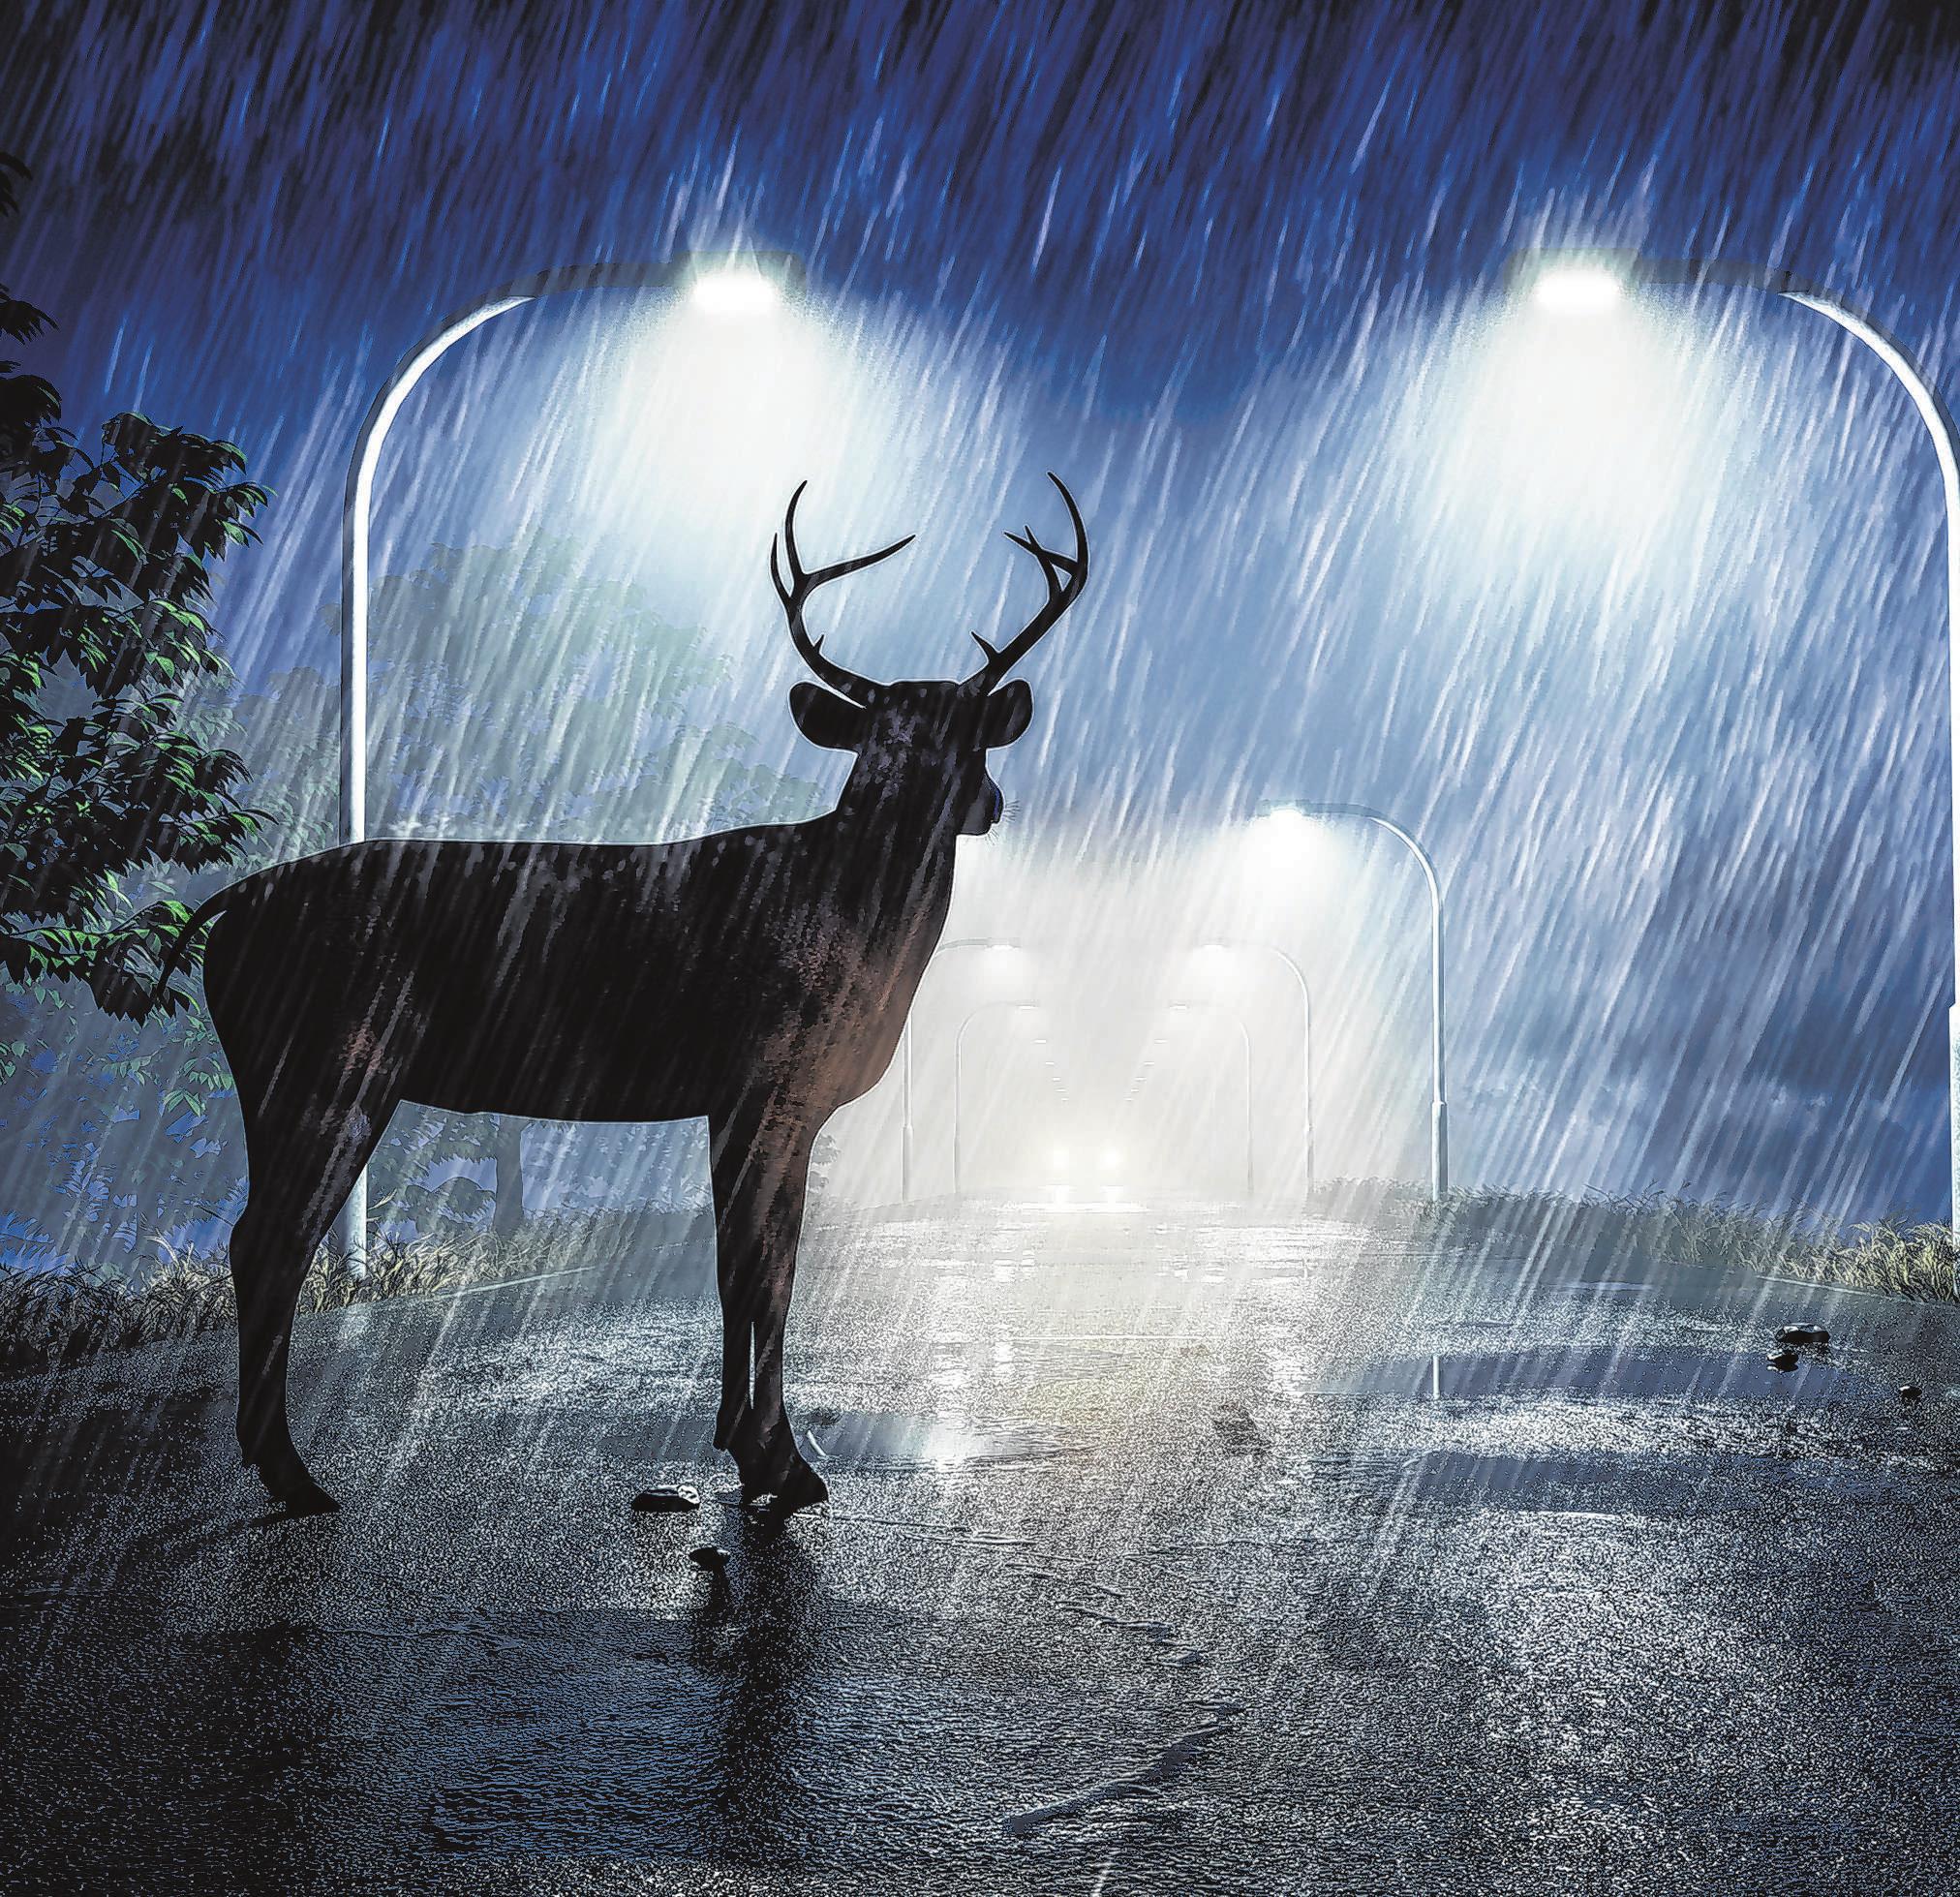 Bei schlechtem Wetter und in der Dämmerung ist die Gefahr durch Wildwechsel im Straßenverkehr besonders groß. Foto: mediaparts/fotolia/itzehoer